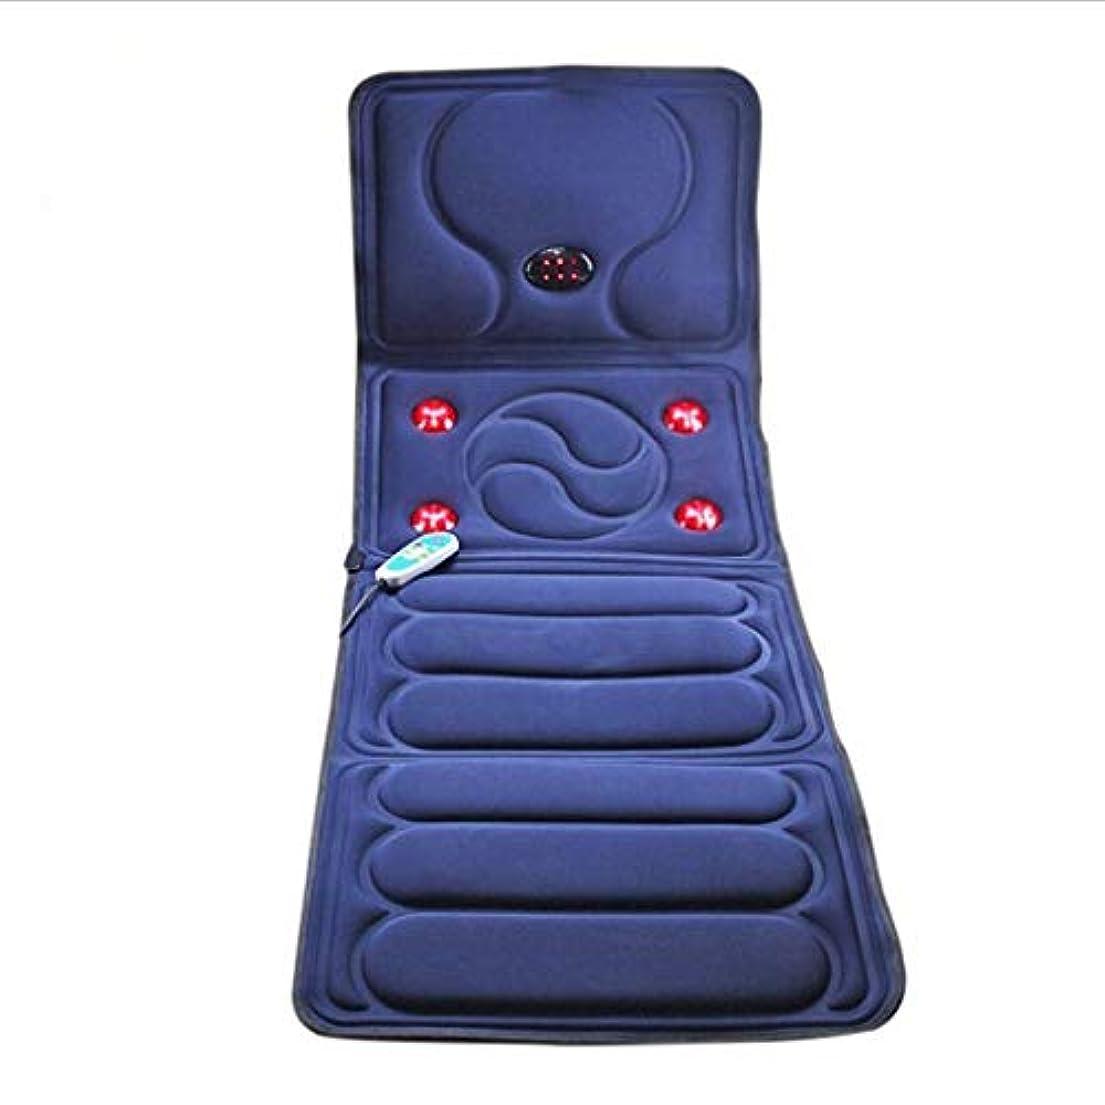 リボン損失パイプ全身マットレス多機能温熱療法電気赤外線マッサージクッション折りたたみ式身体振動健康理学療法マッサージャー165 * 60 CM,ブルー